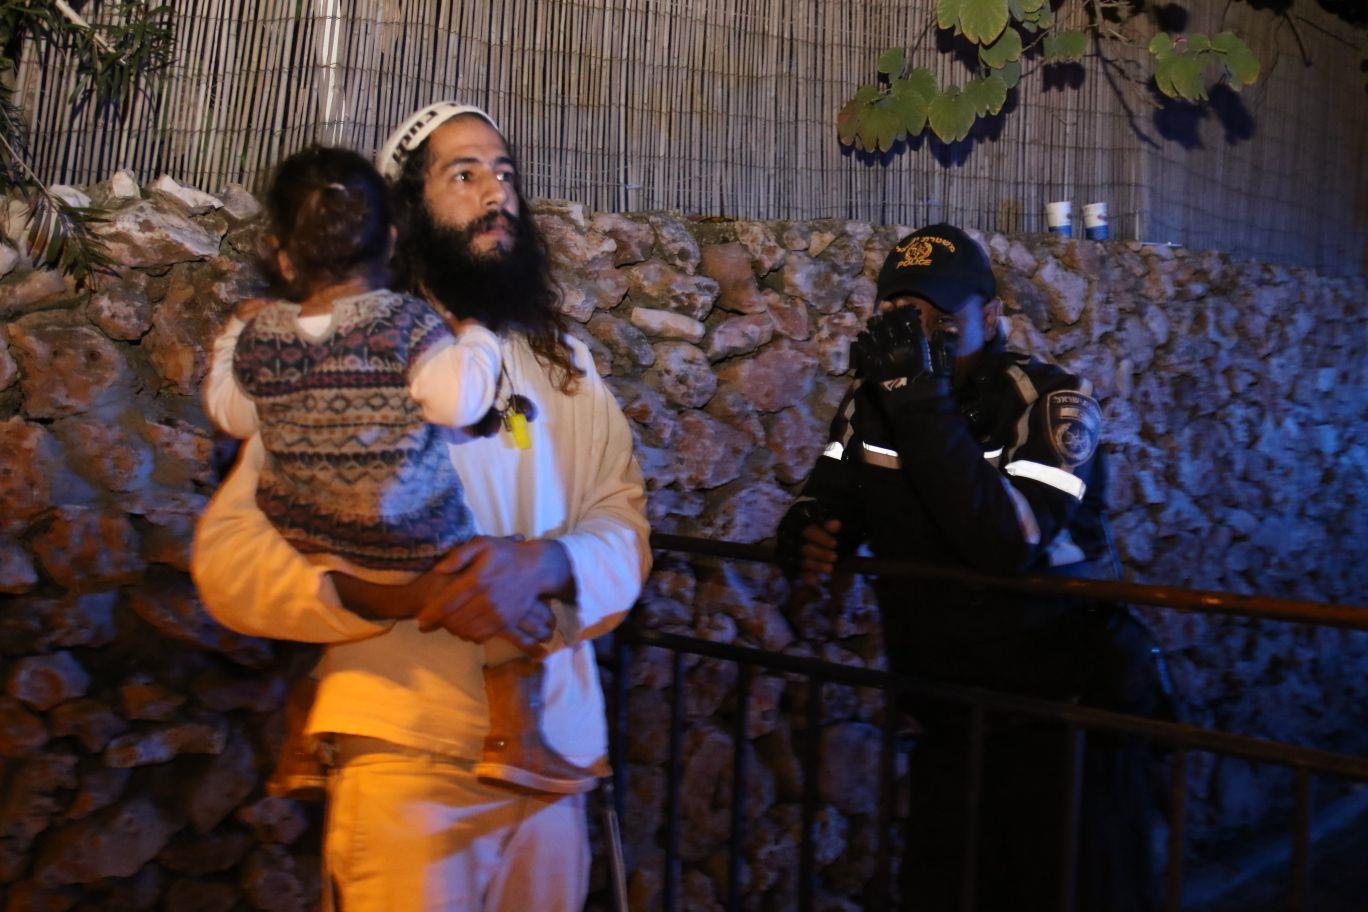 איתיאל זוארץ בהפגנה מול ביתו של נומה   (שלמה מלט)